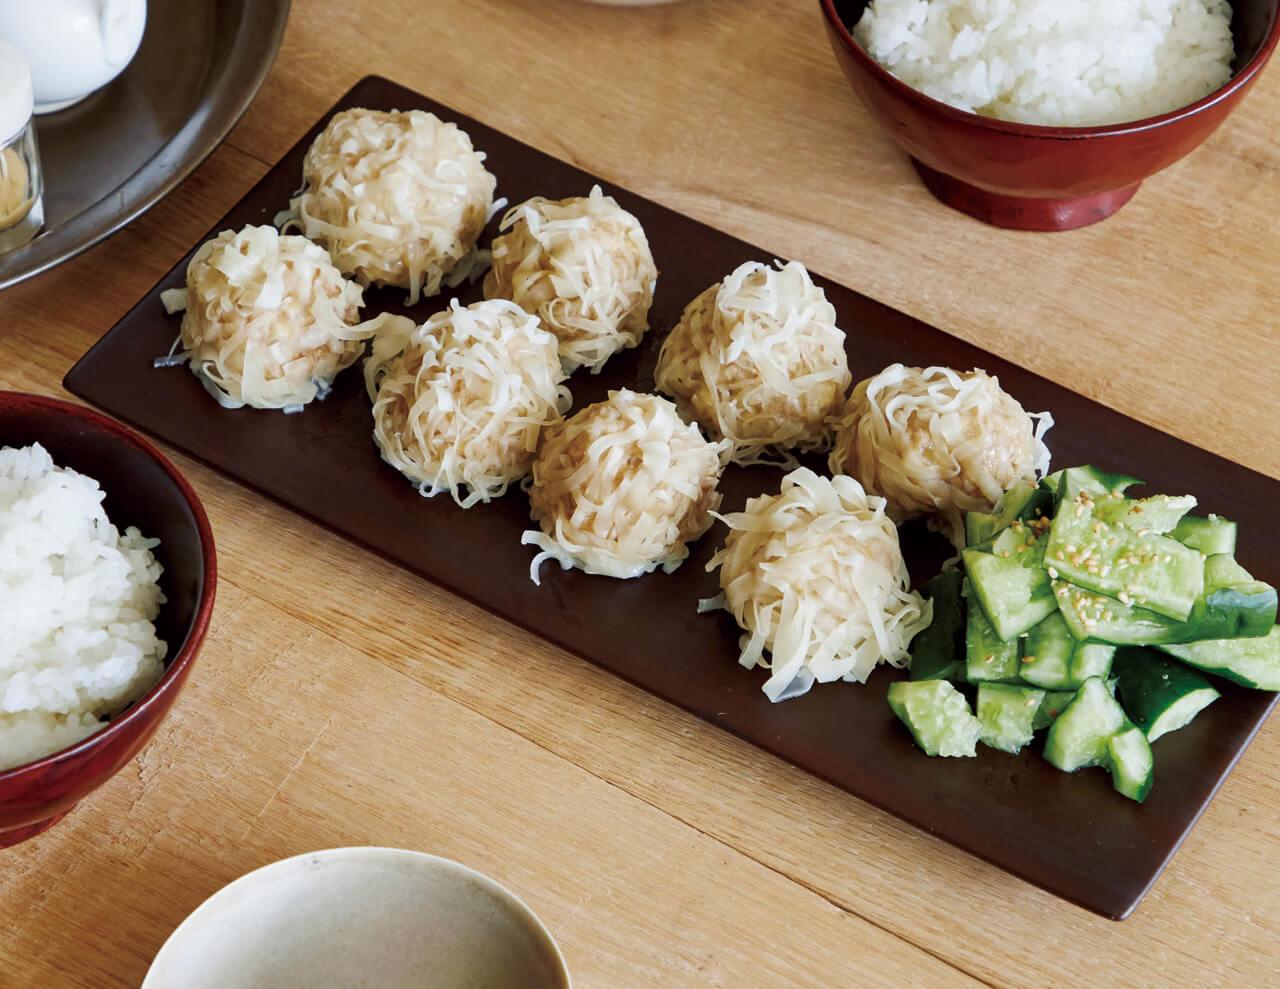 「豚ひき肉と豆腐の包まない焼売」レシピ/ワタナベマキさん